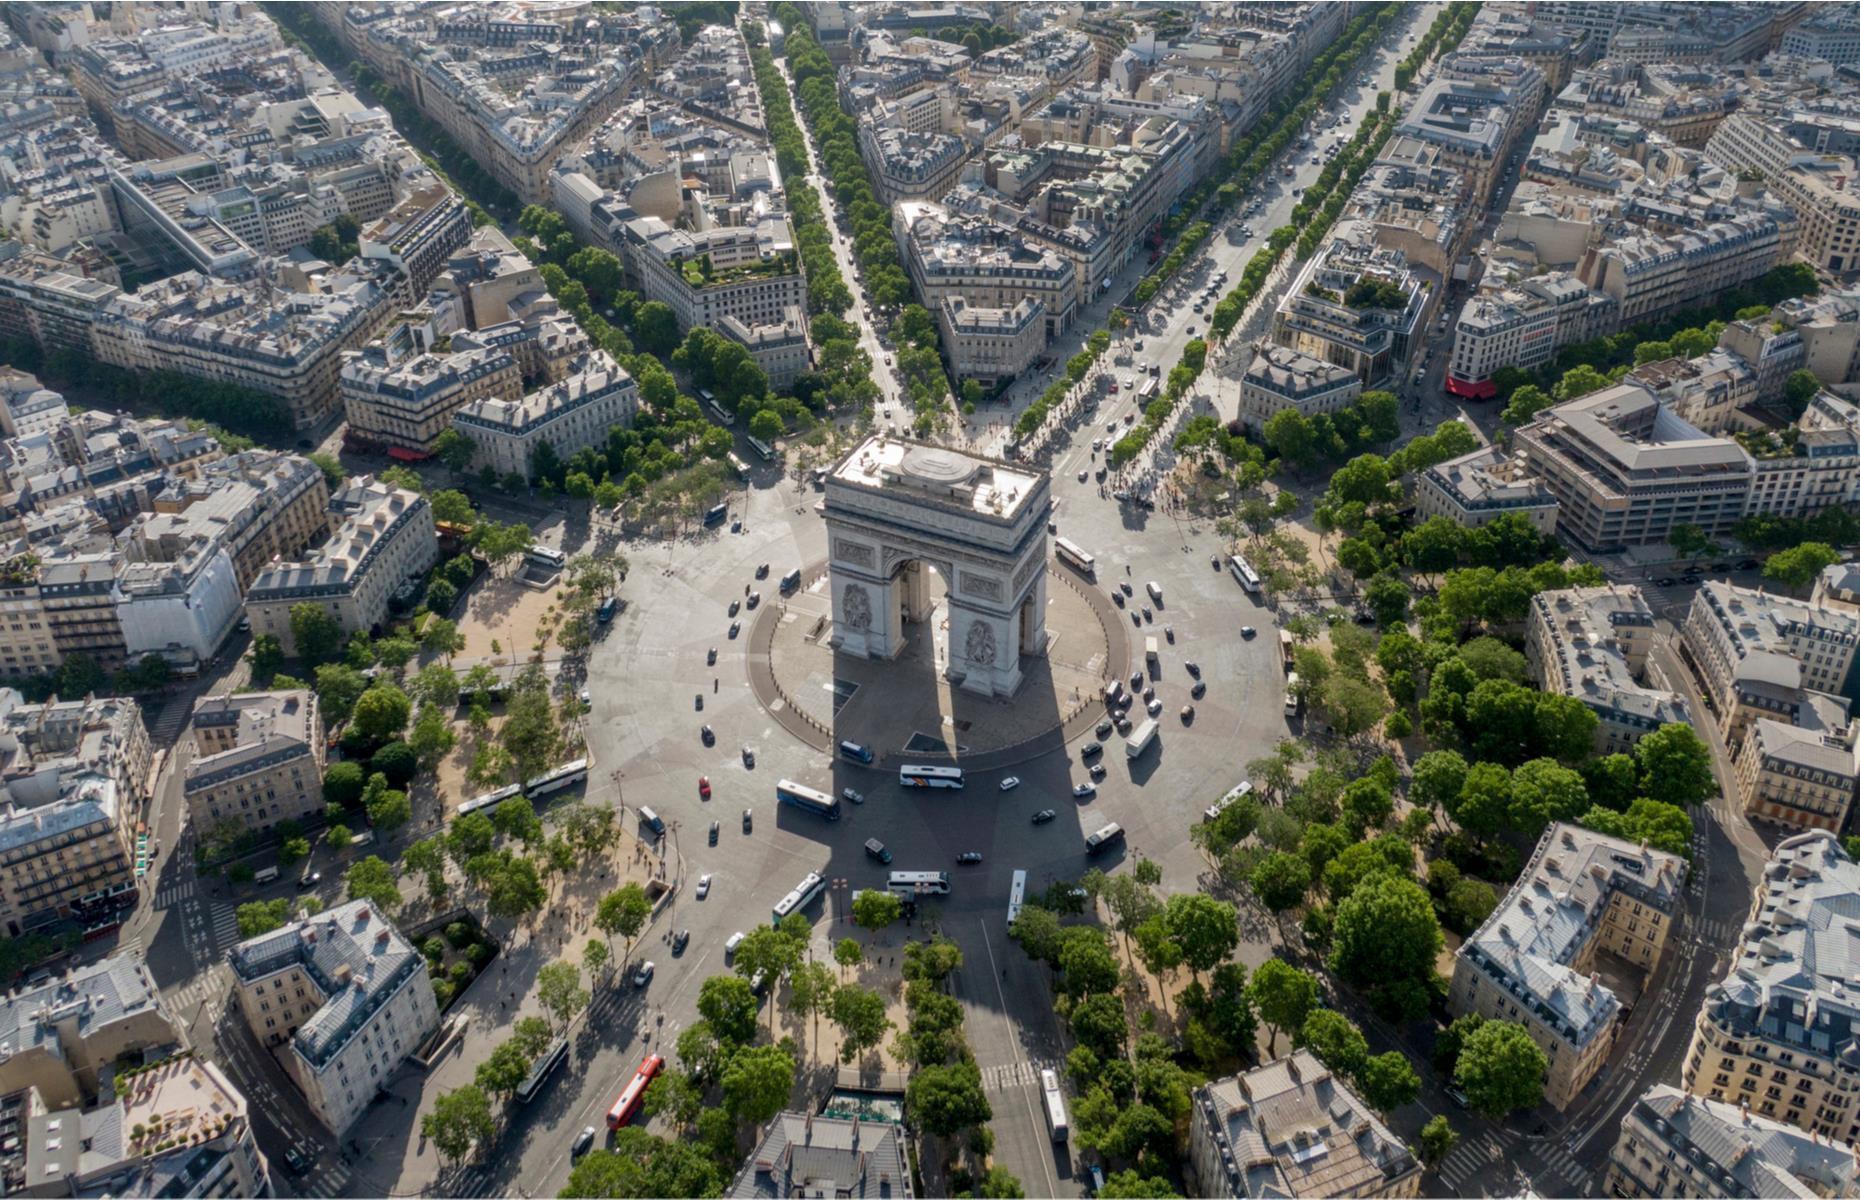 Châu Âu tuyệt đẹp nhìn từ trên cao - 1